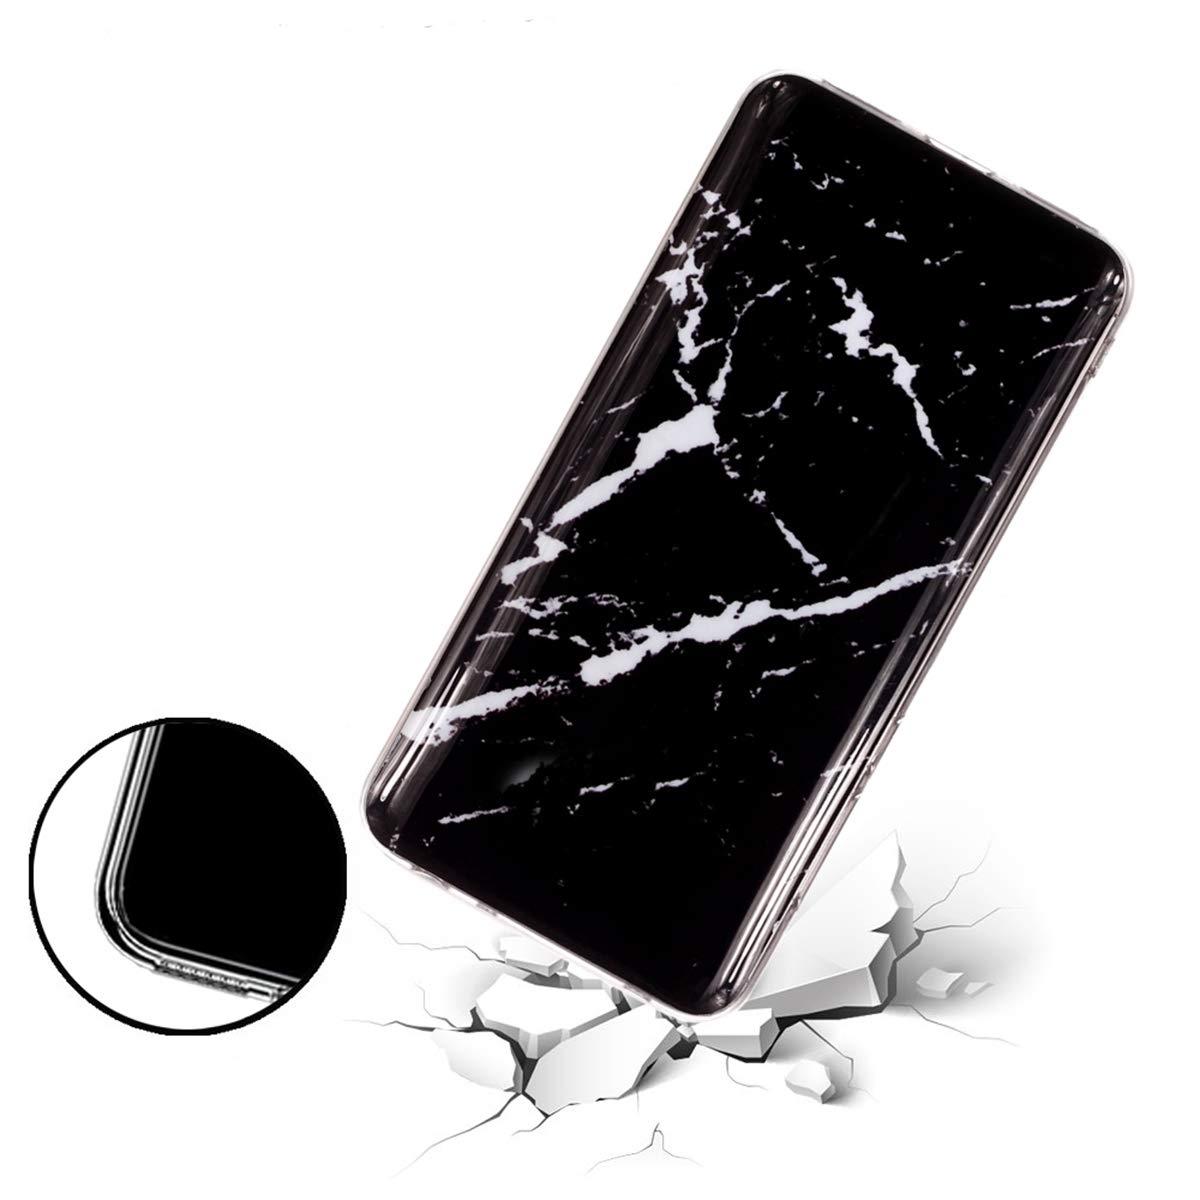 Misstars Coque en Silicone pour Xiaomi Redmi Note 5 Pro//Note 5 Marbre G/éom/étrique Ultra Mince TPU Souple Flexible Housse Etui de Protection Anti-Choc Anti-Rayures Bumper